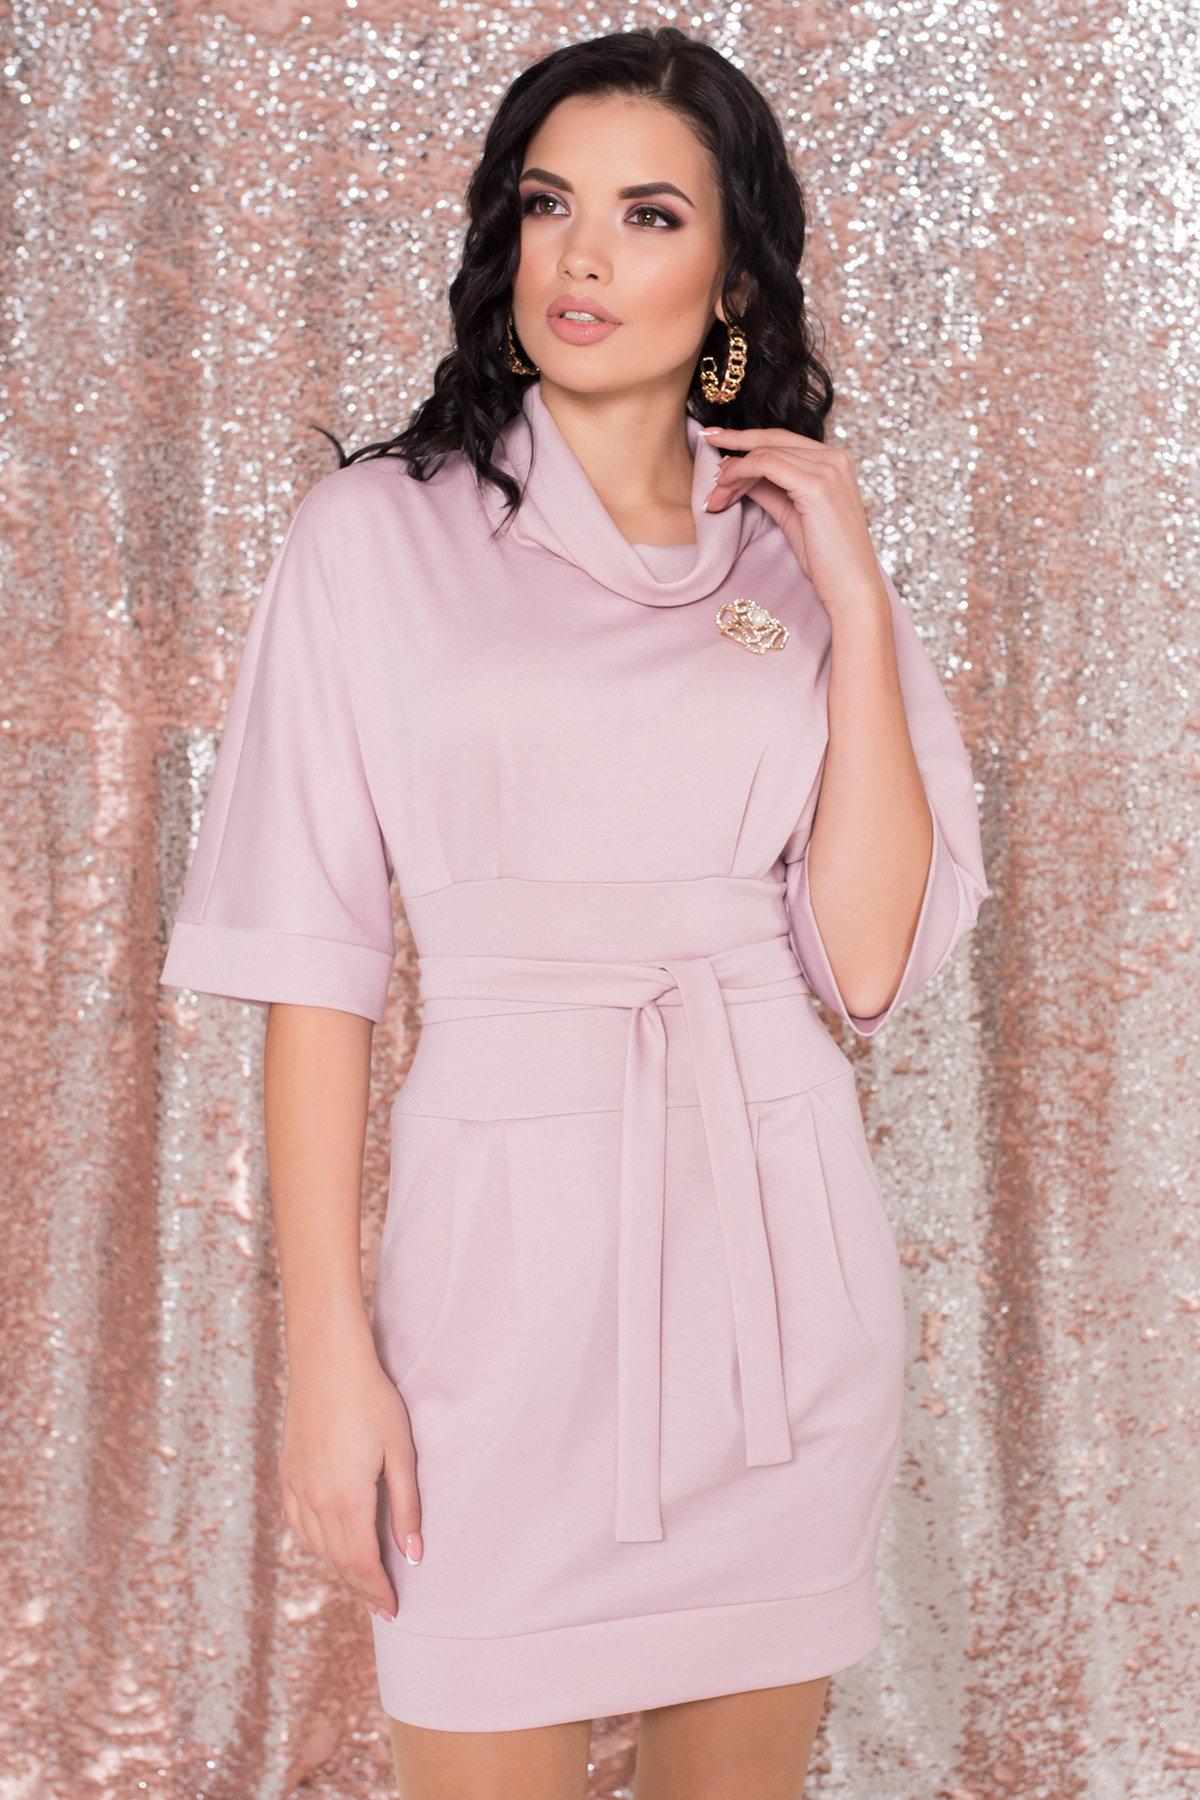 Трикотажное платье Вассаби 8478 АРТ. 44904 Цвет: розовый - фото 6, интернет магазин tm-modus.ru